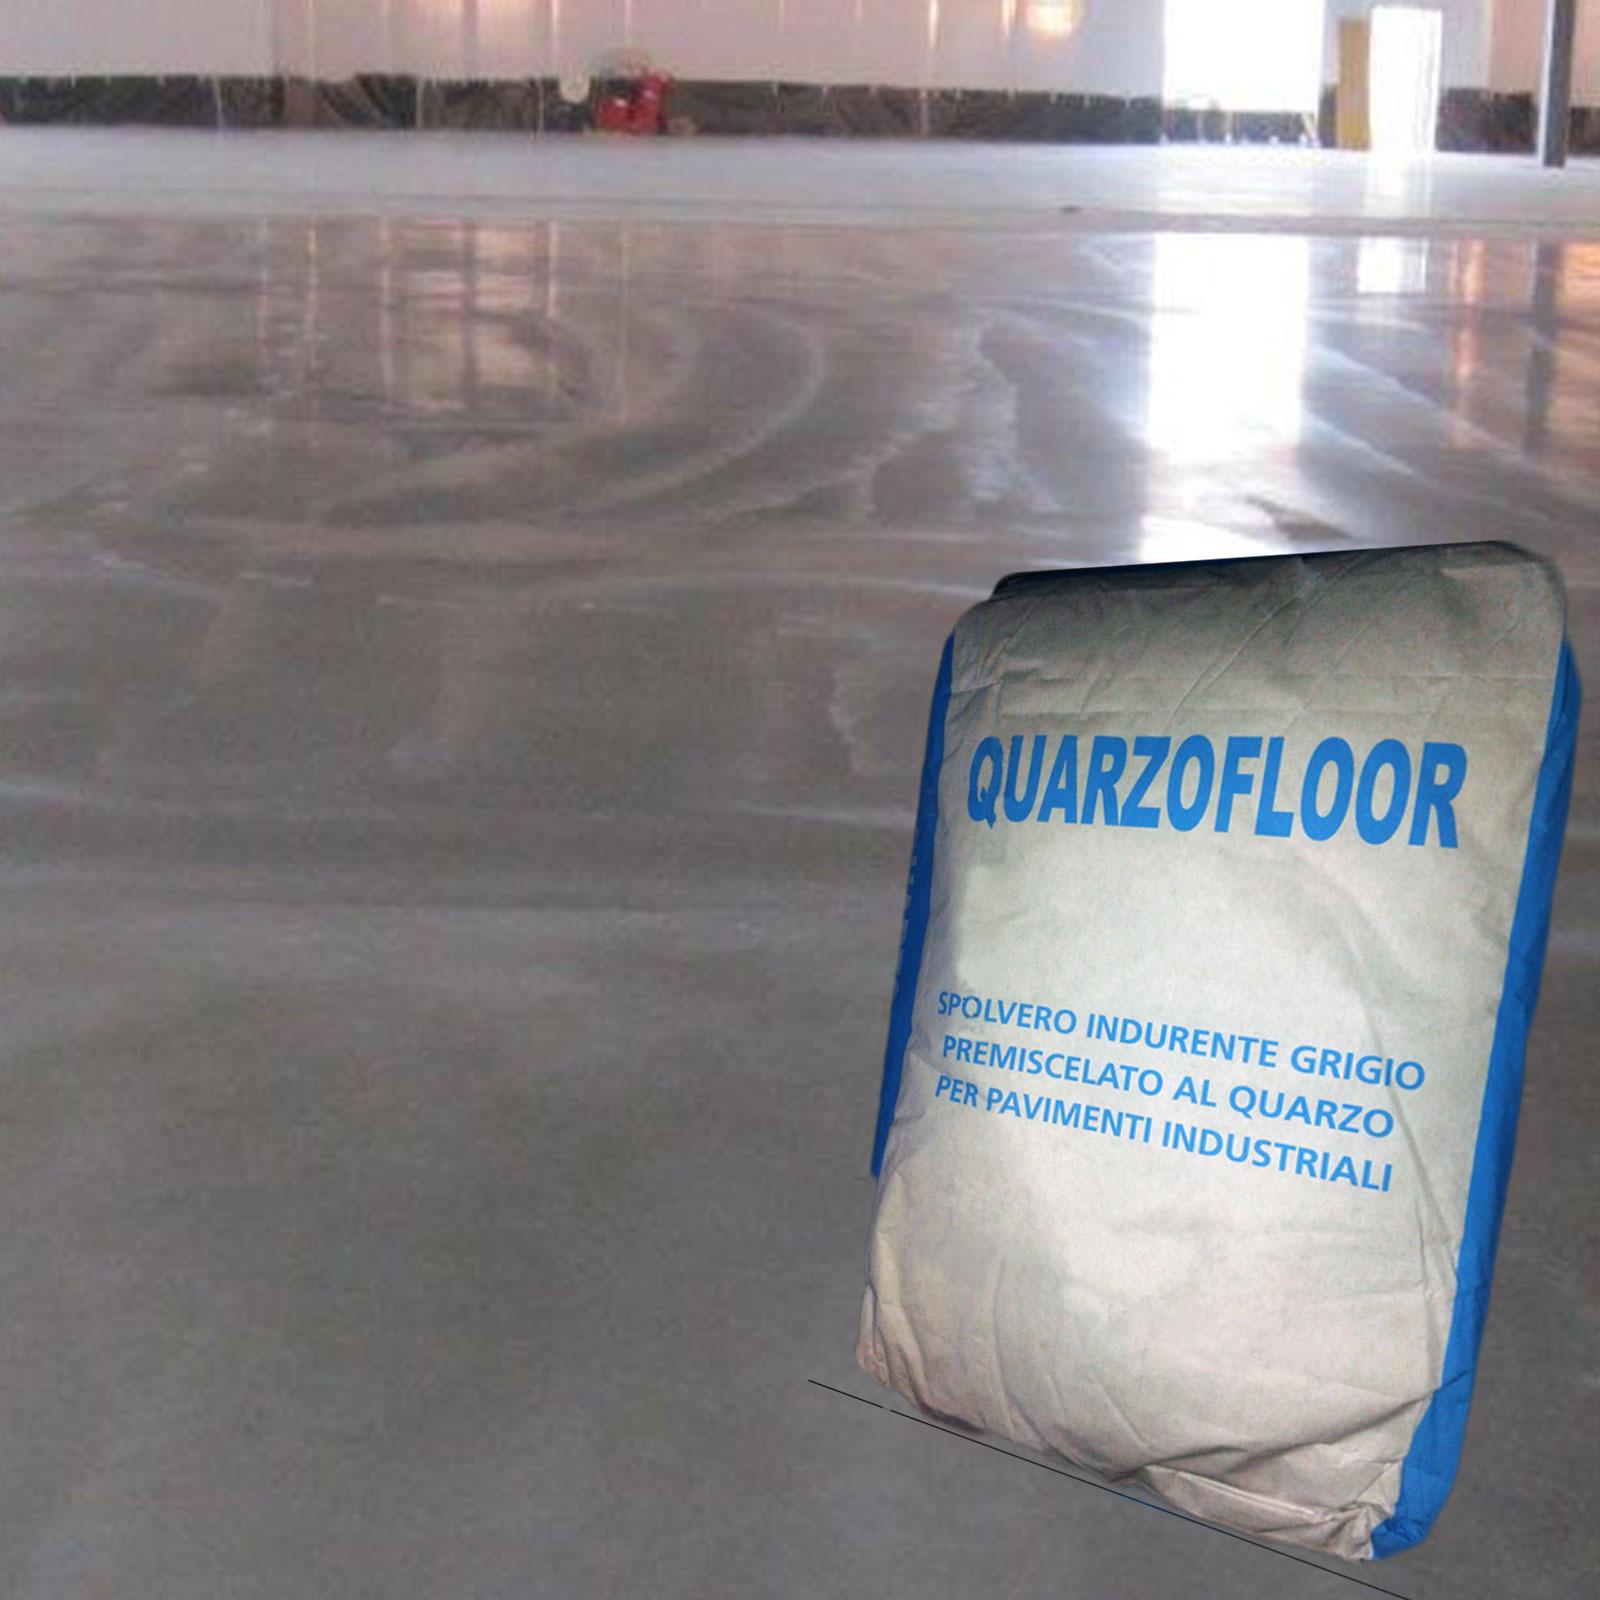 Cemento Premiscelato Per Top Cucina quarzo per pavimenti industriali liscio kg25 quarzofloor